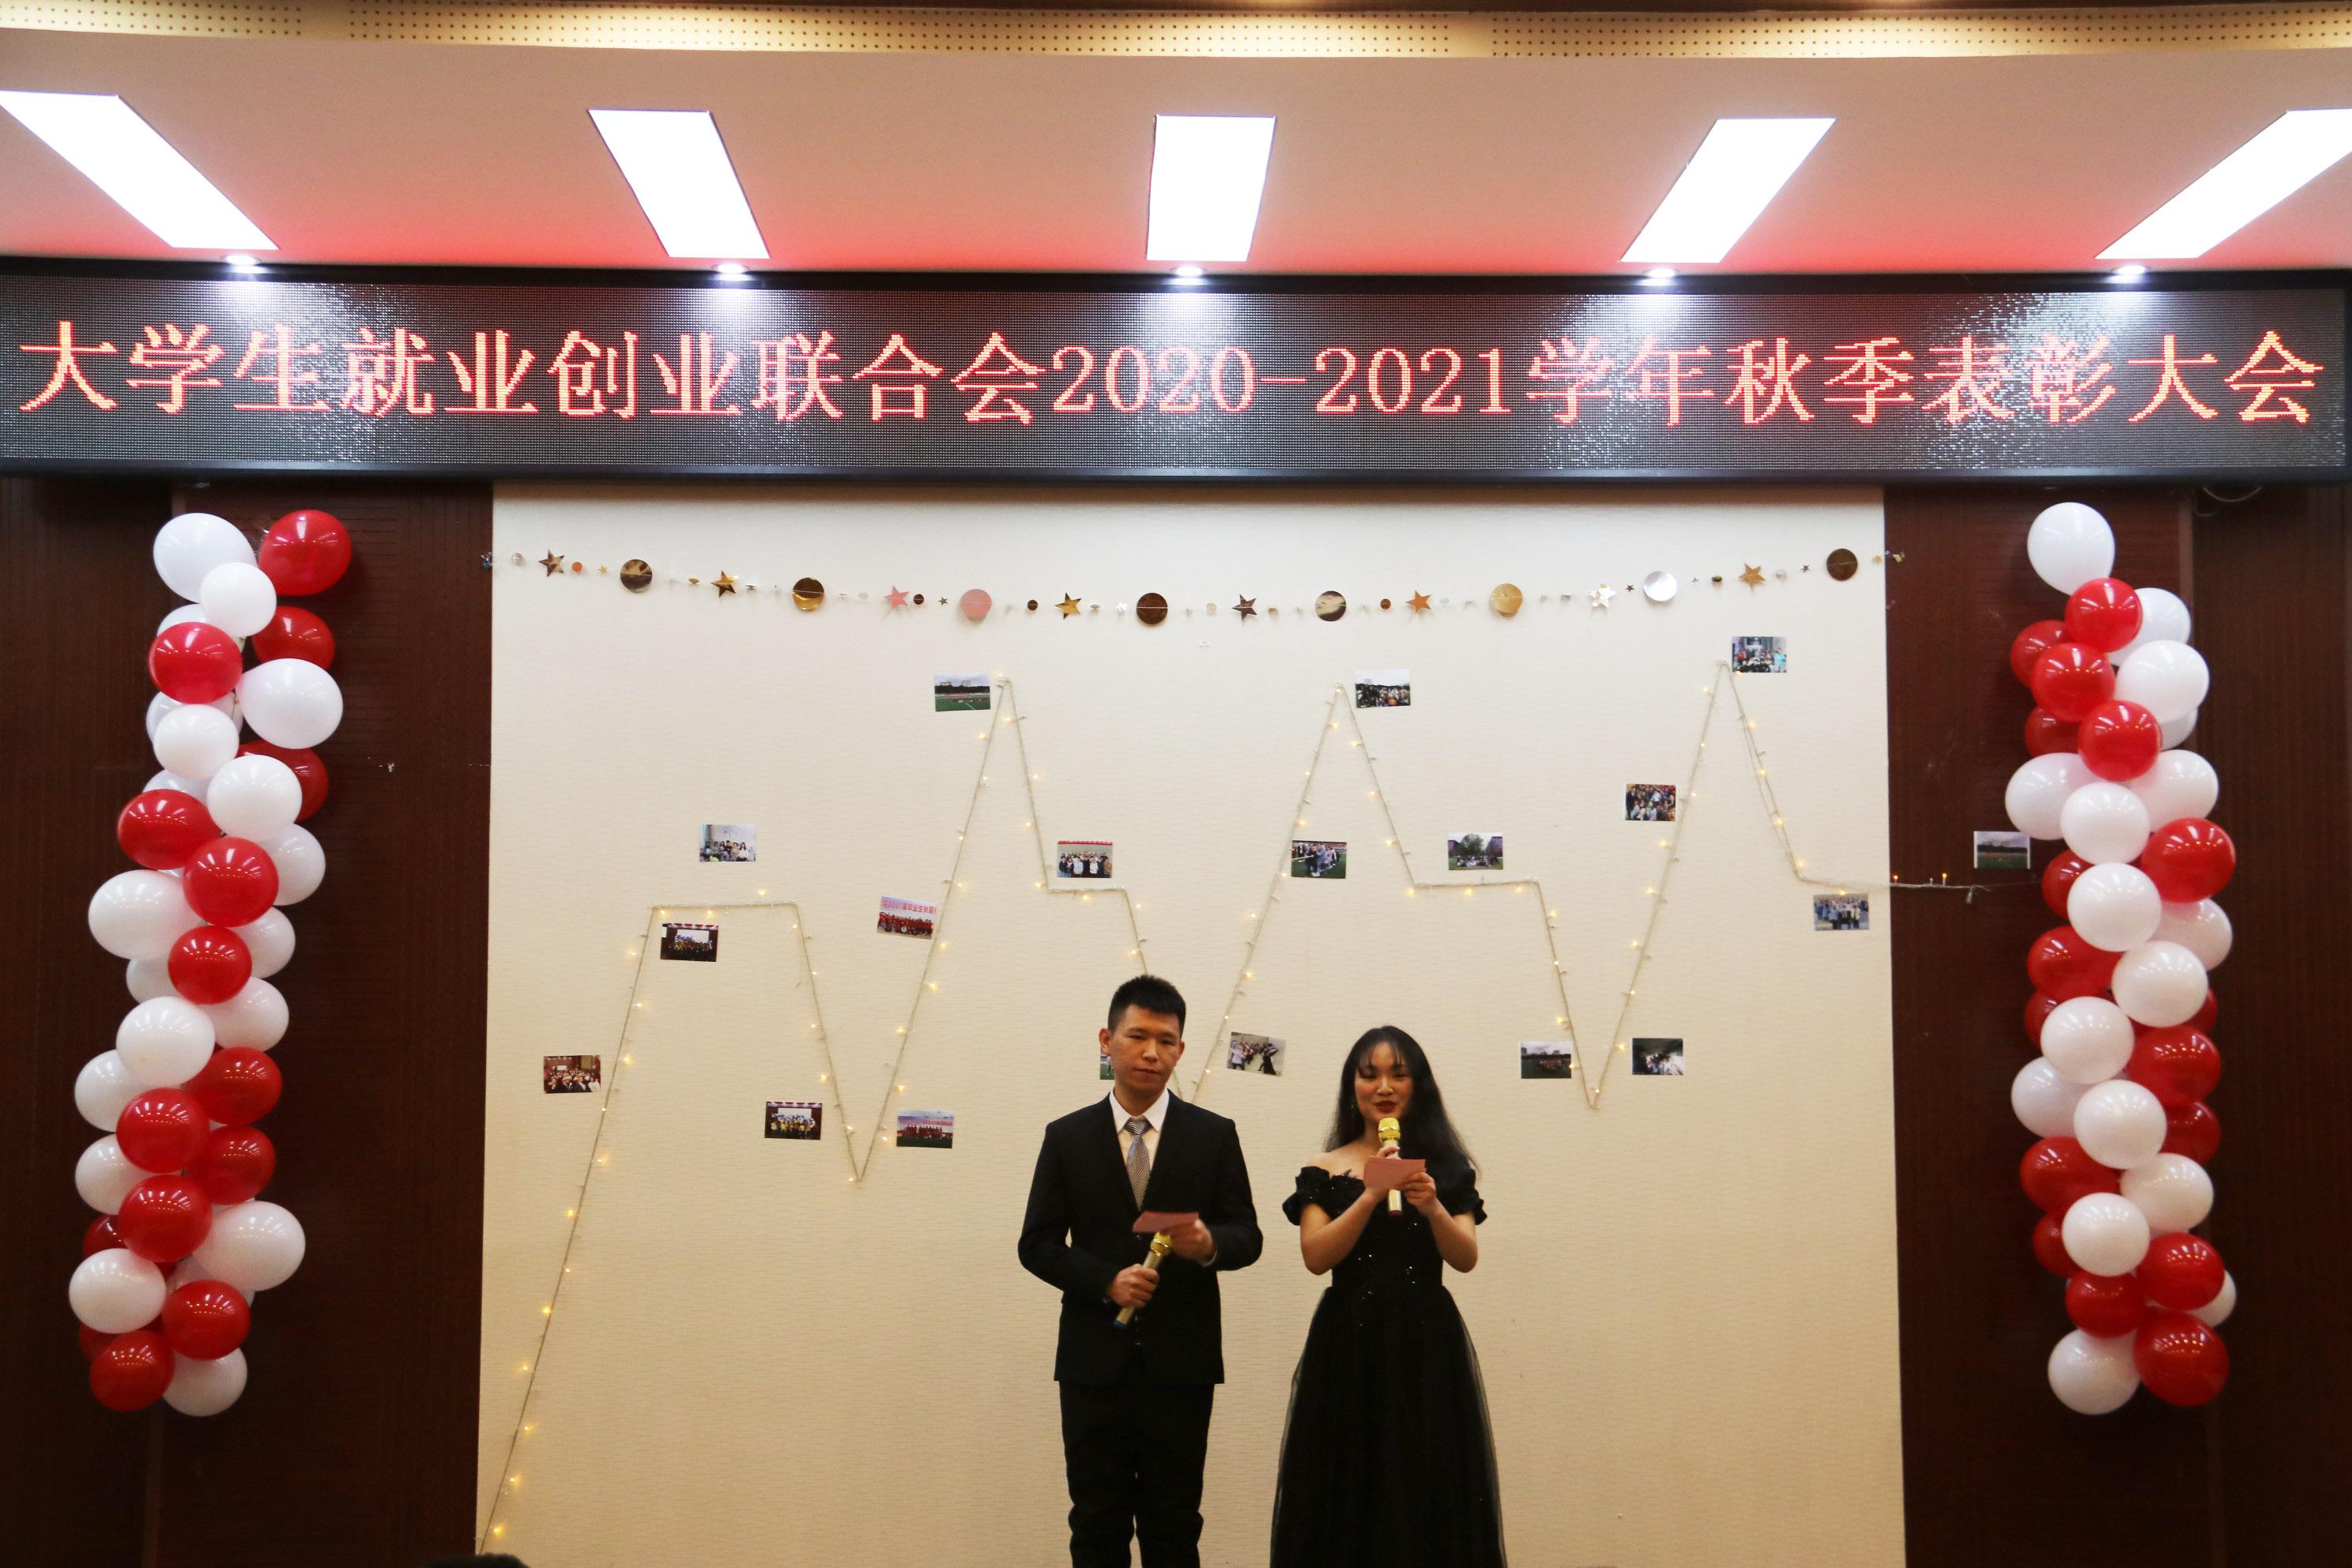 大学生就业创业联合会2020-2021学年秋季表彰大会-图片1.JPG